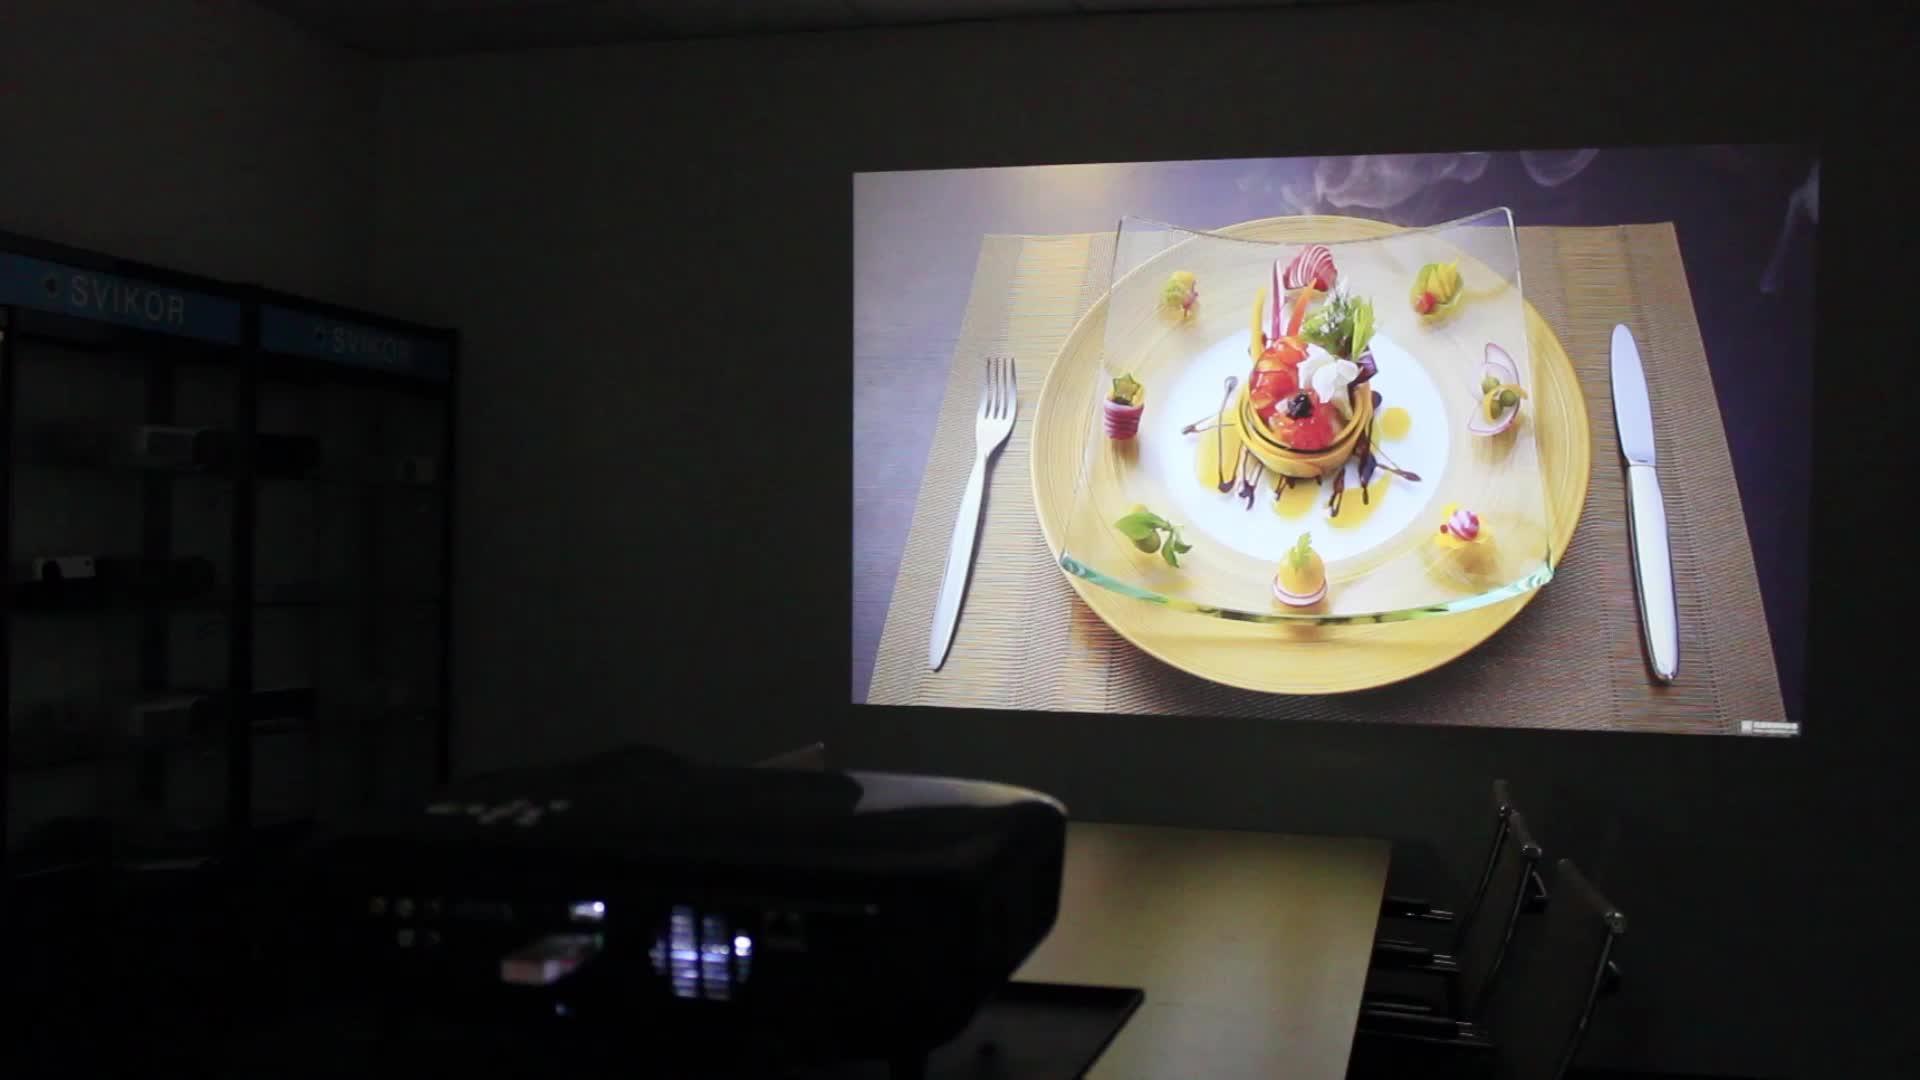 Q6 1080 p thông minh chùm máy chiếu mini với 1 năm bảo hành